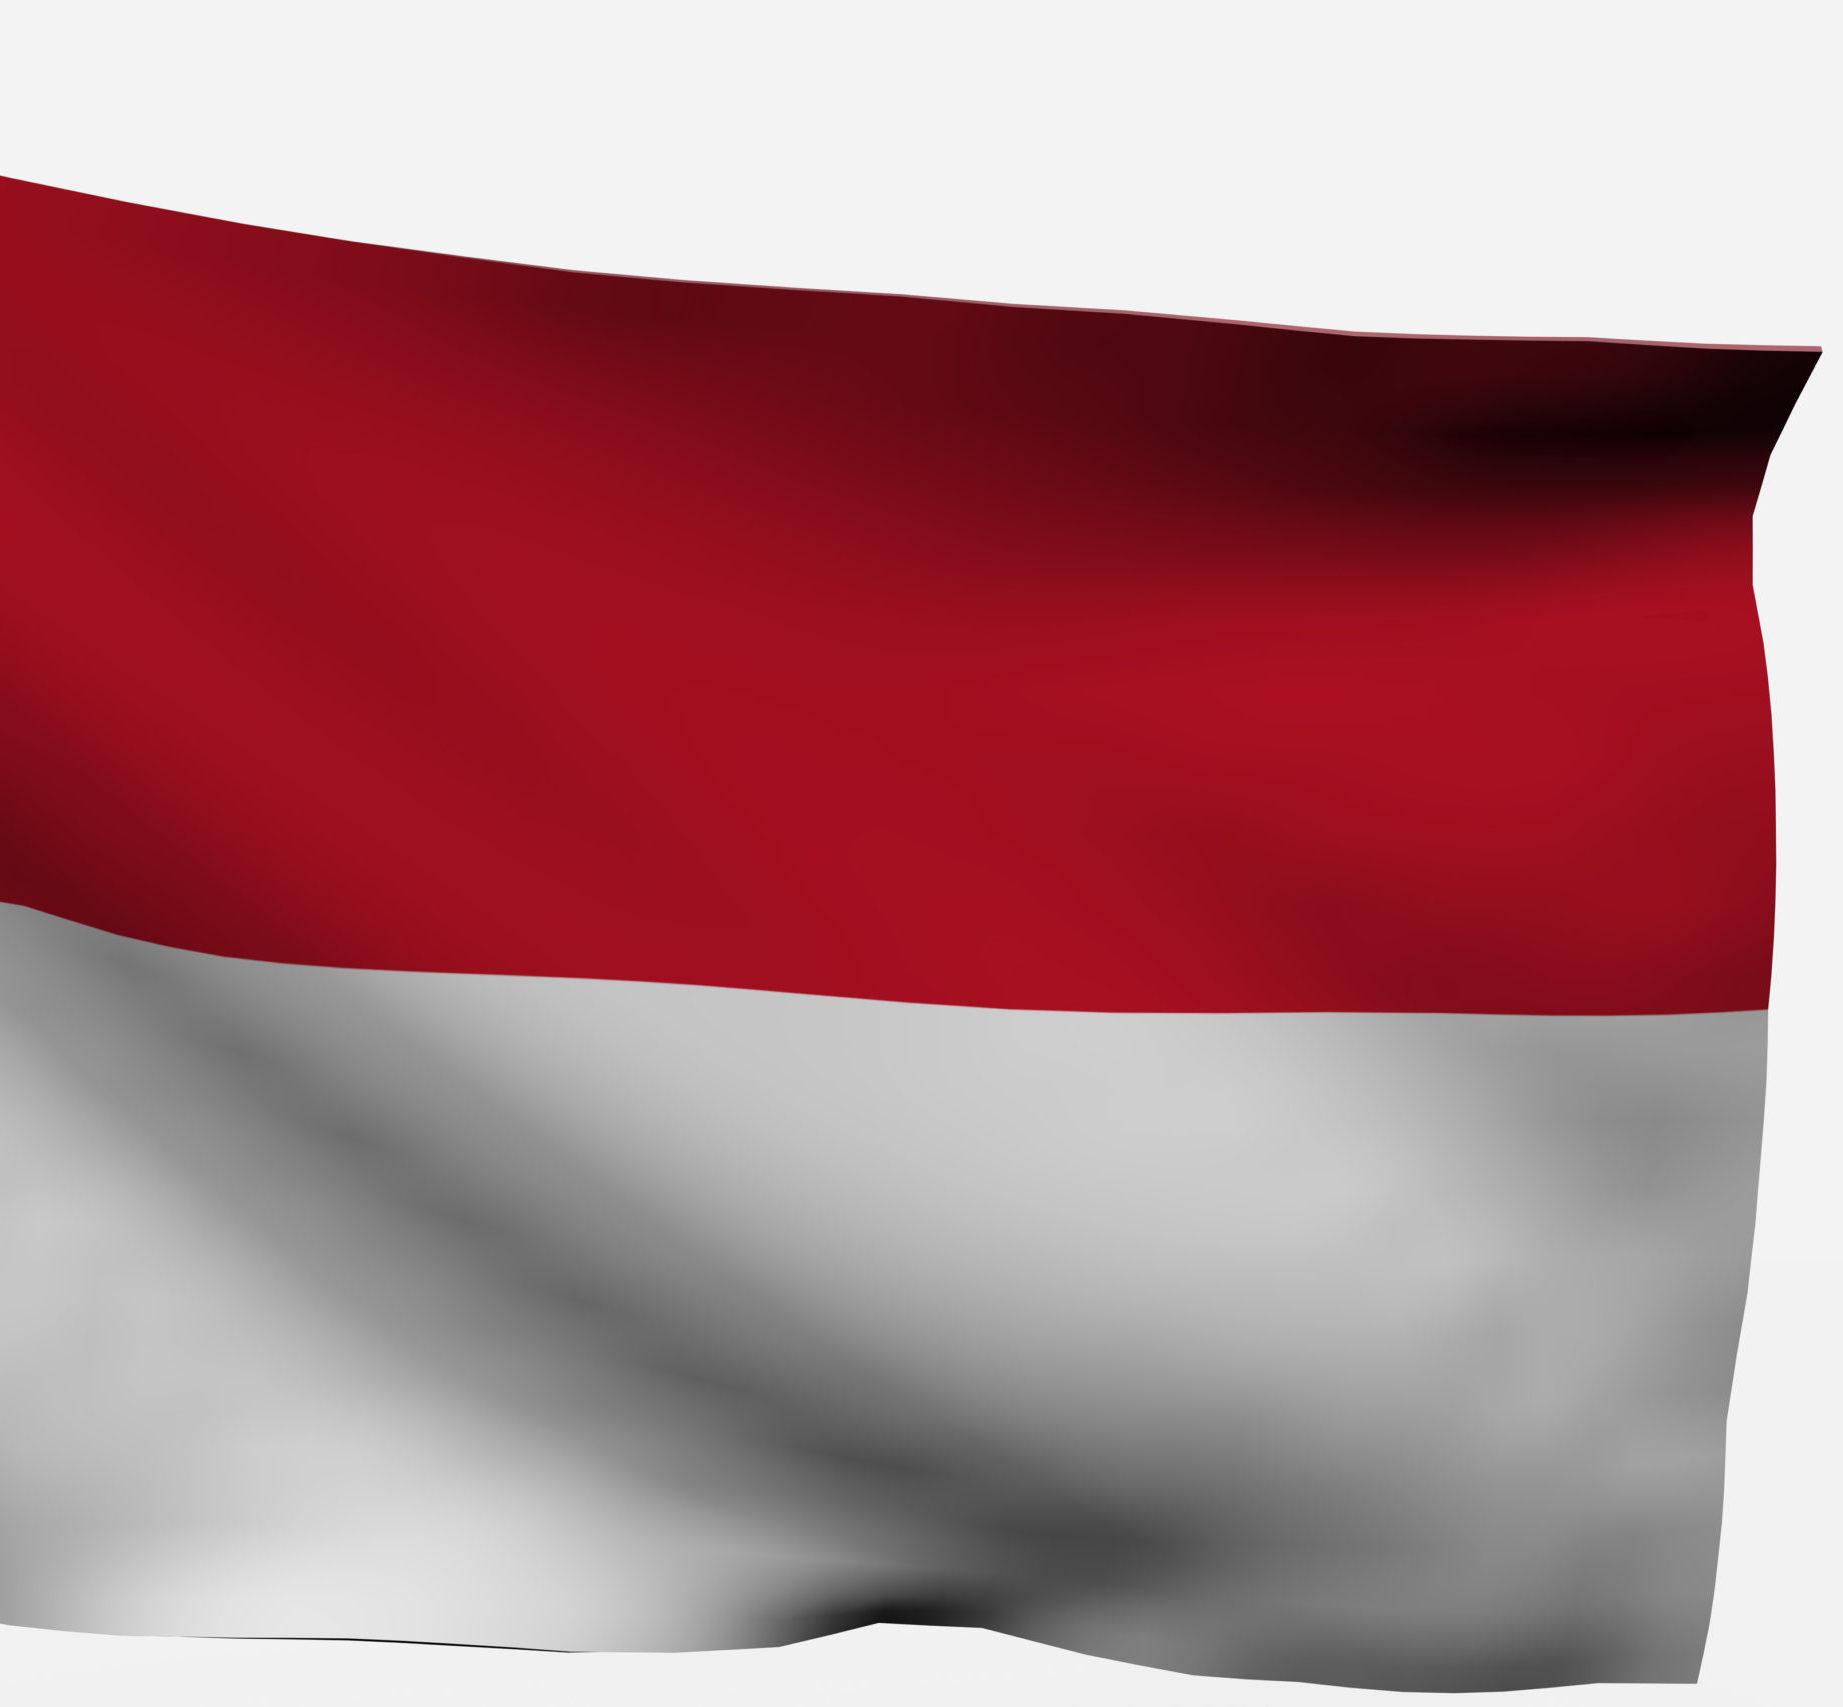 die rotweisse Flagge von Indonesien